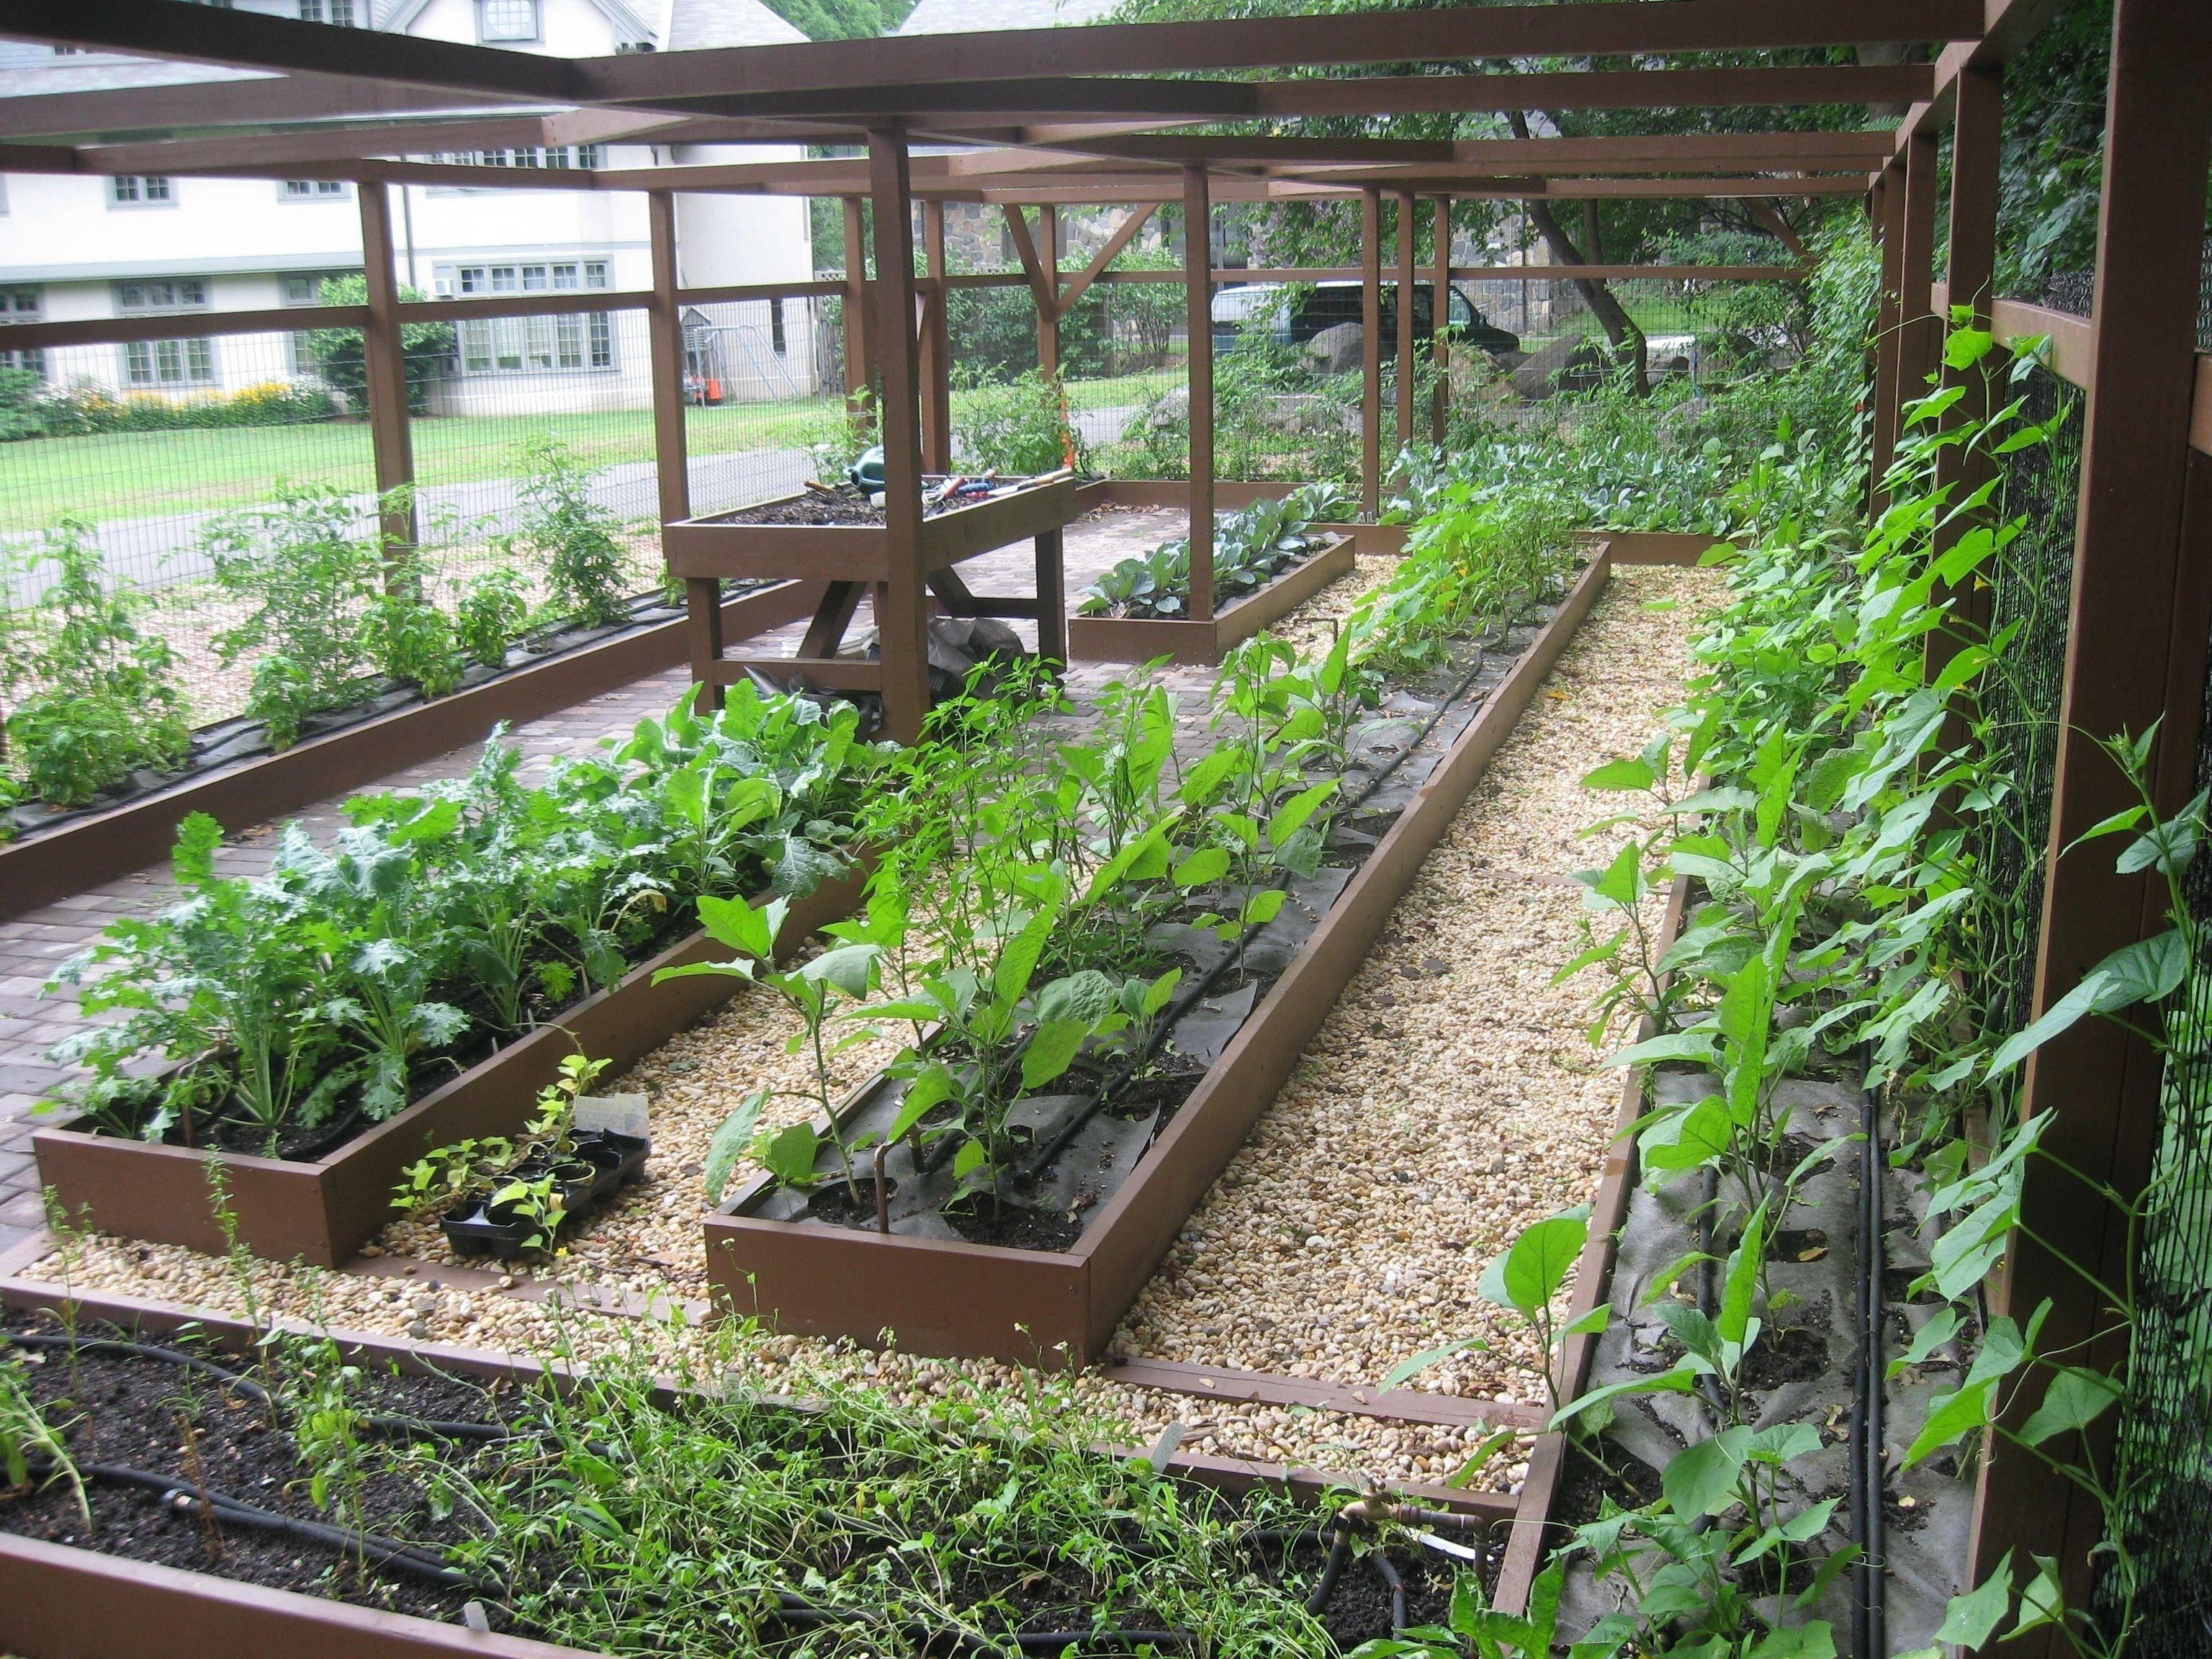 Brillian Creative Vegetable Garden Ideas Small Garden Design